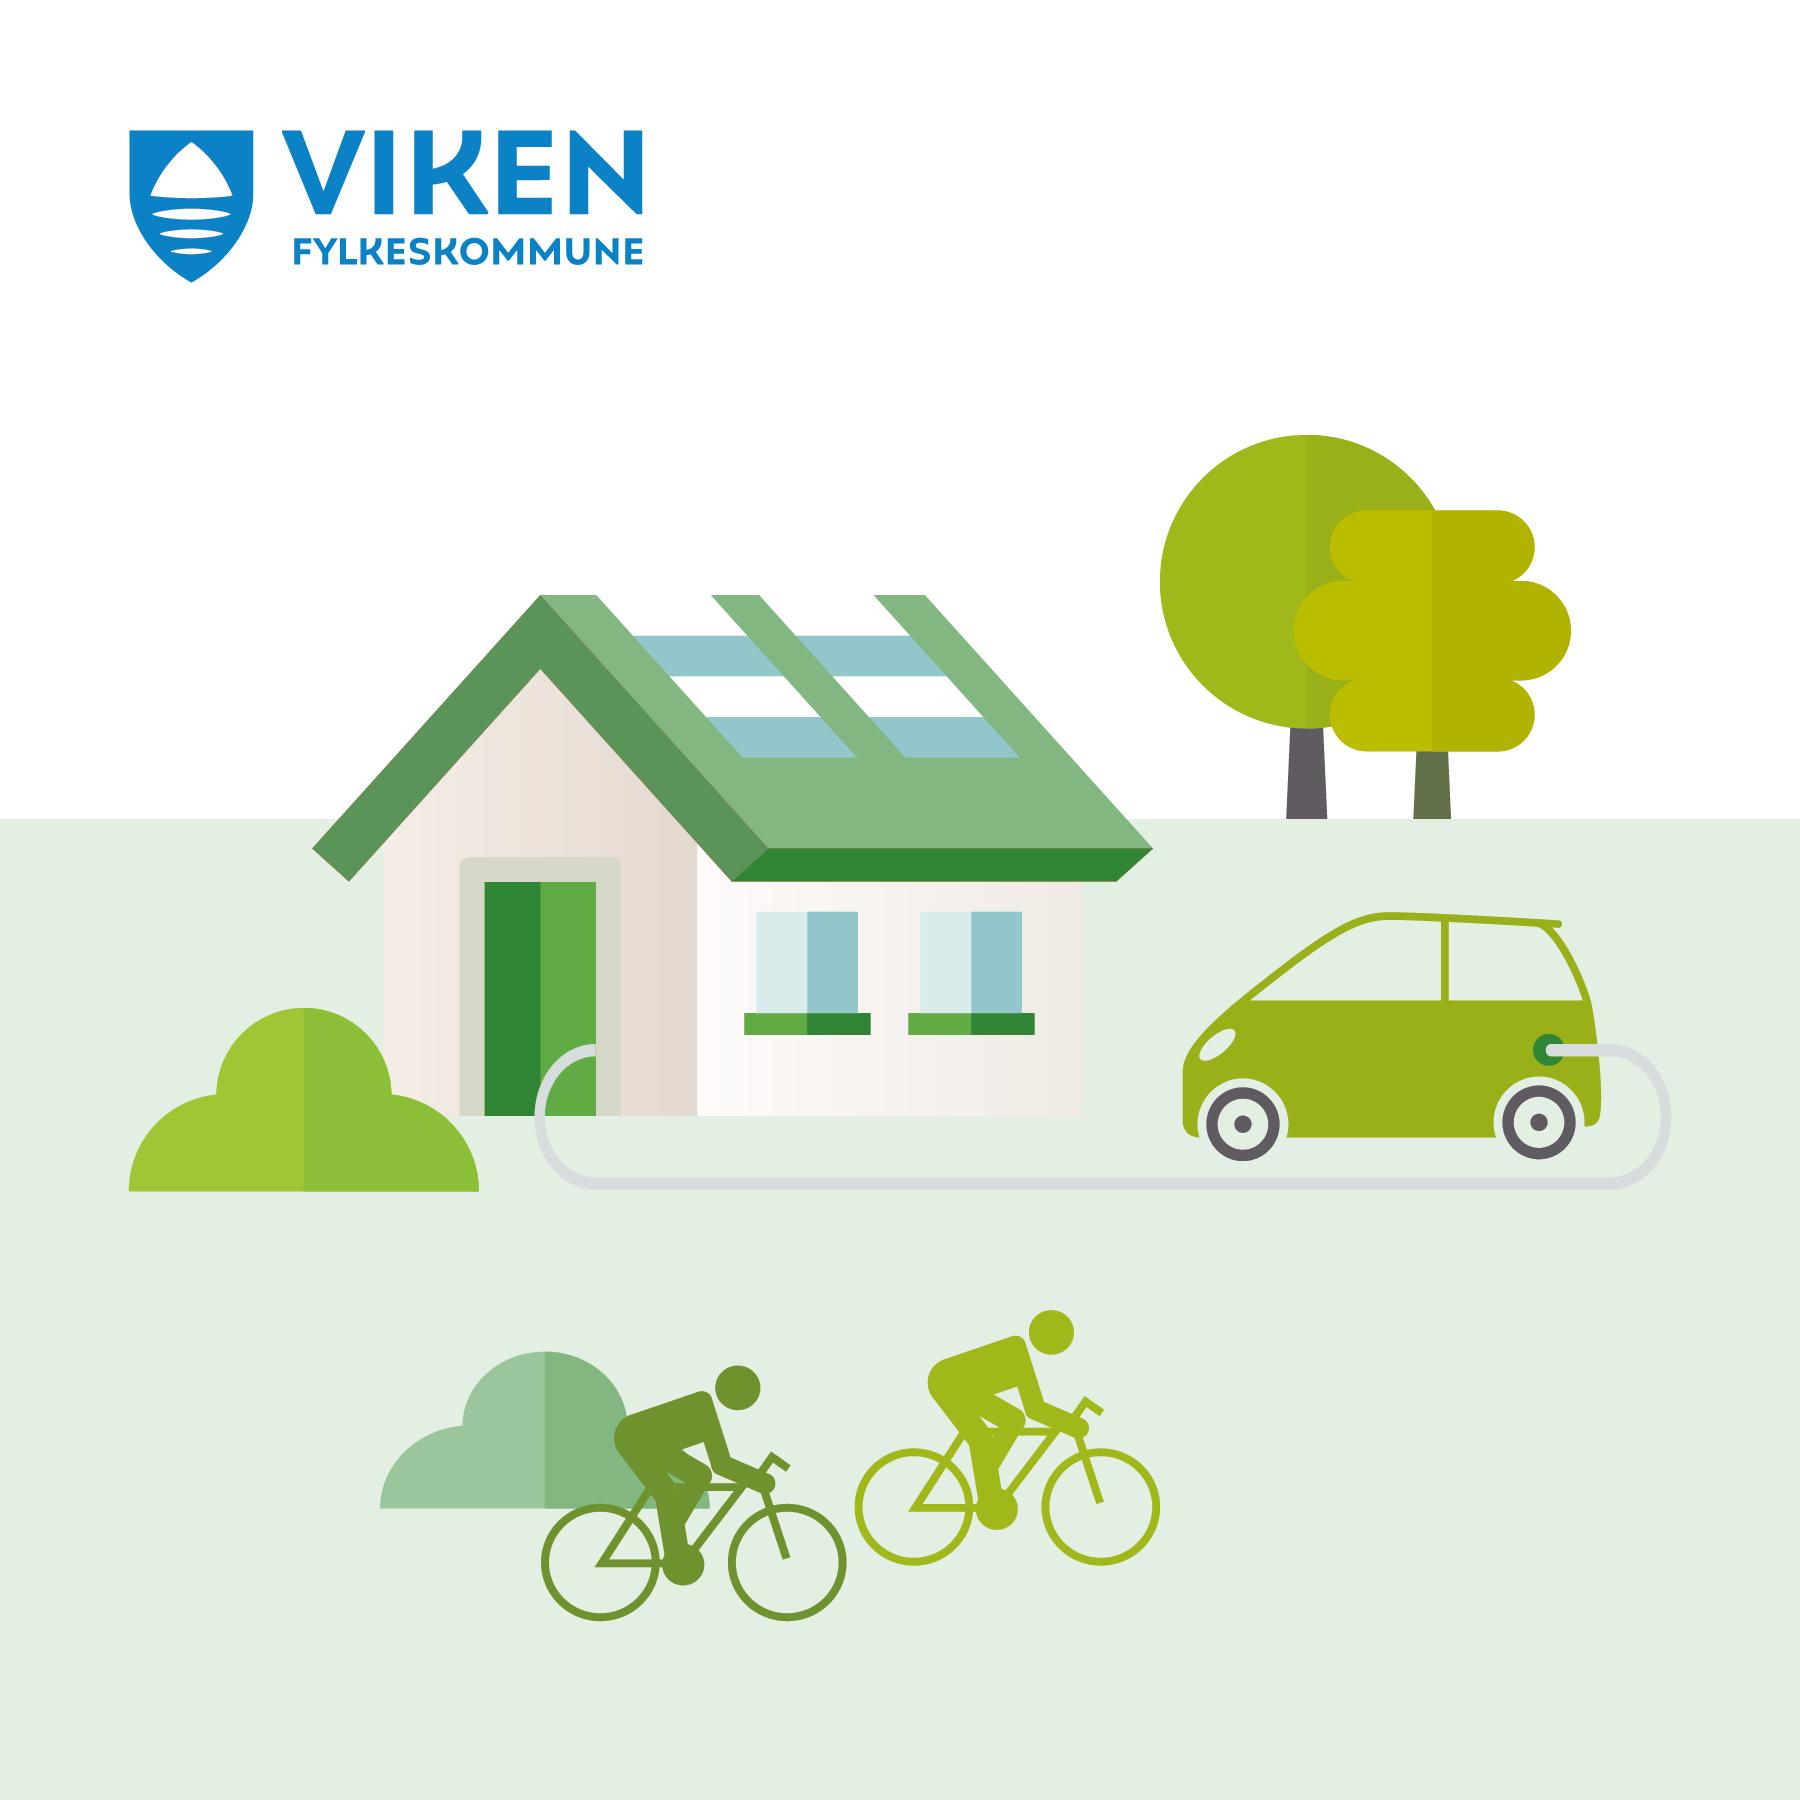 energisparing.jpg